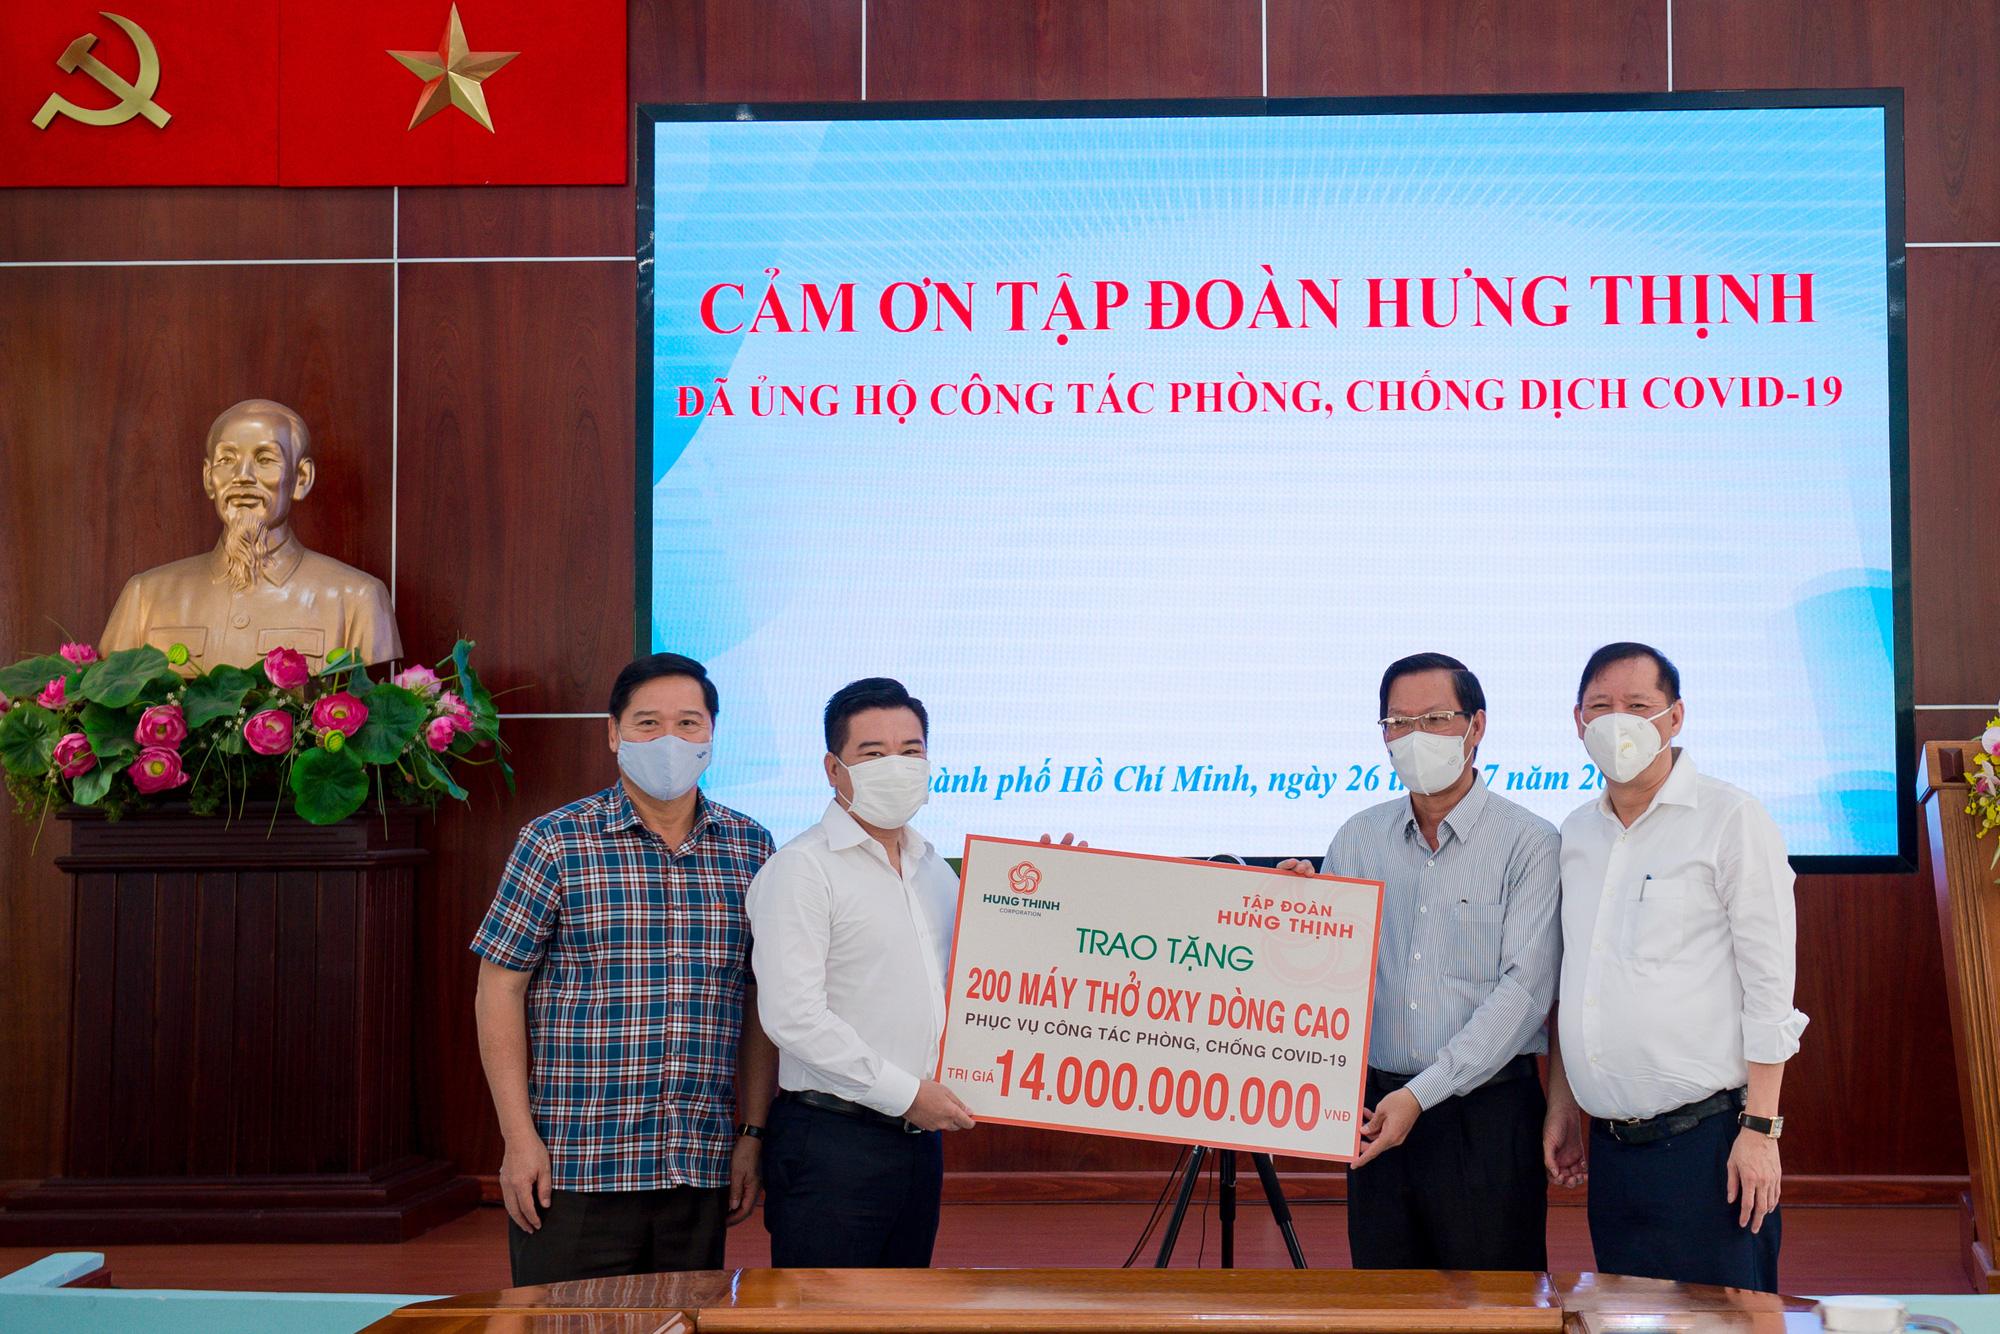 Hưng Thịnh hỗ trợ khẩn 35 tỷ choTP HCM phòng, chống dịch COVID-19 - Ảnh 1.